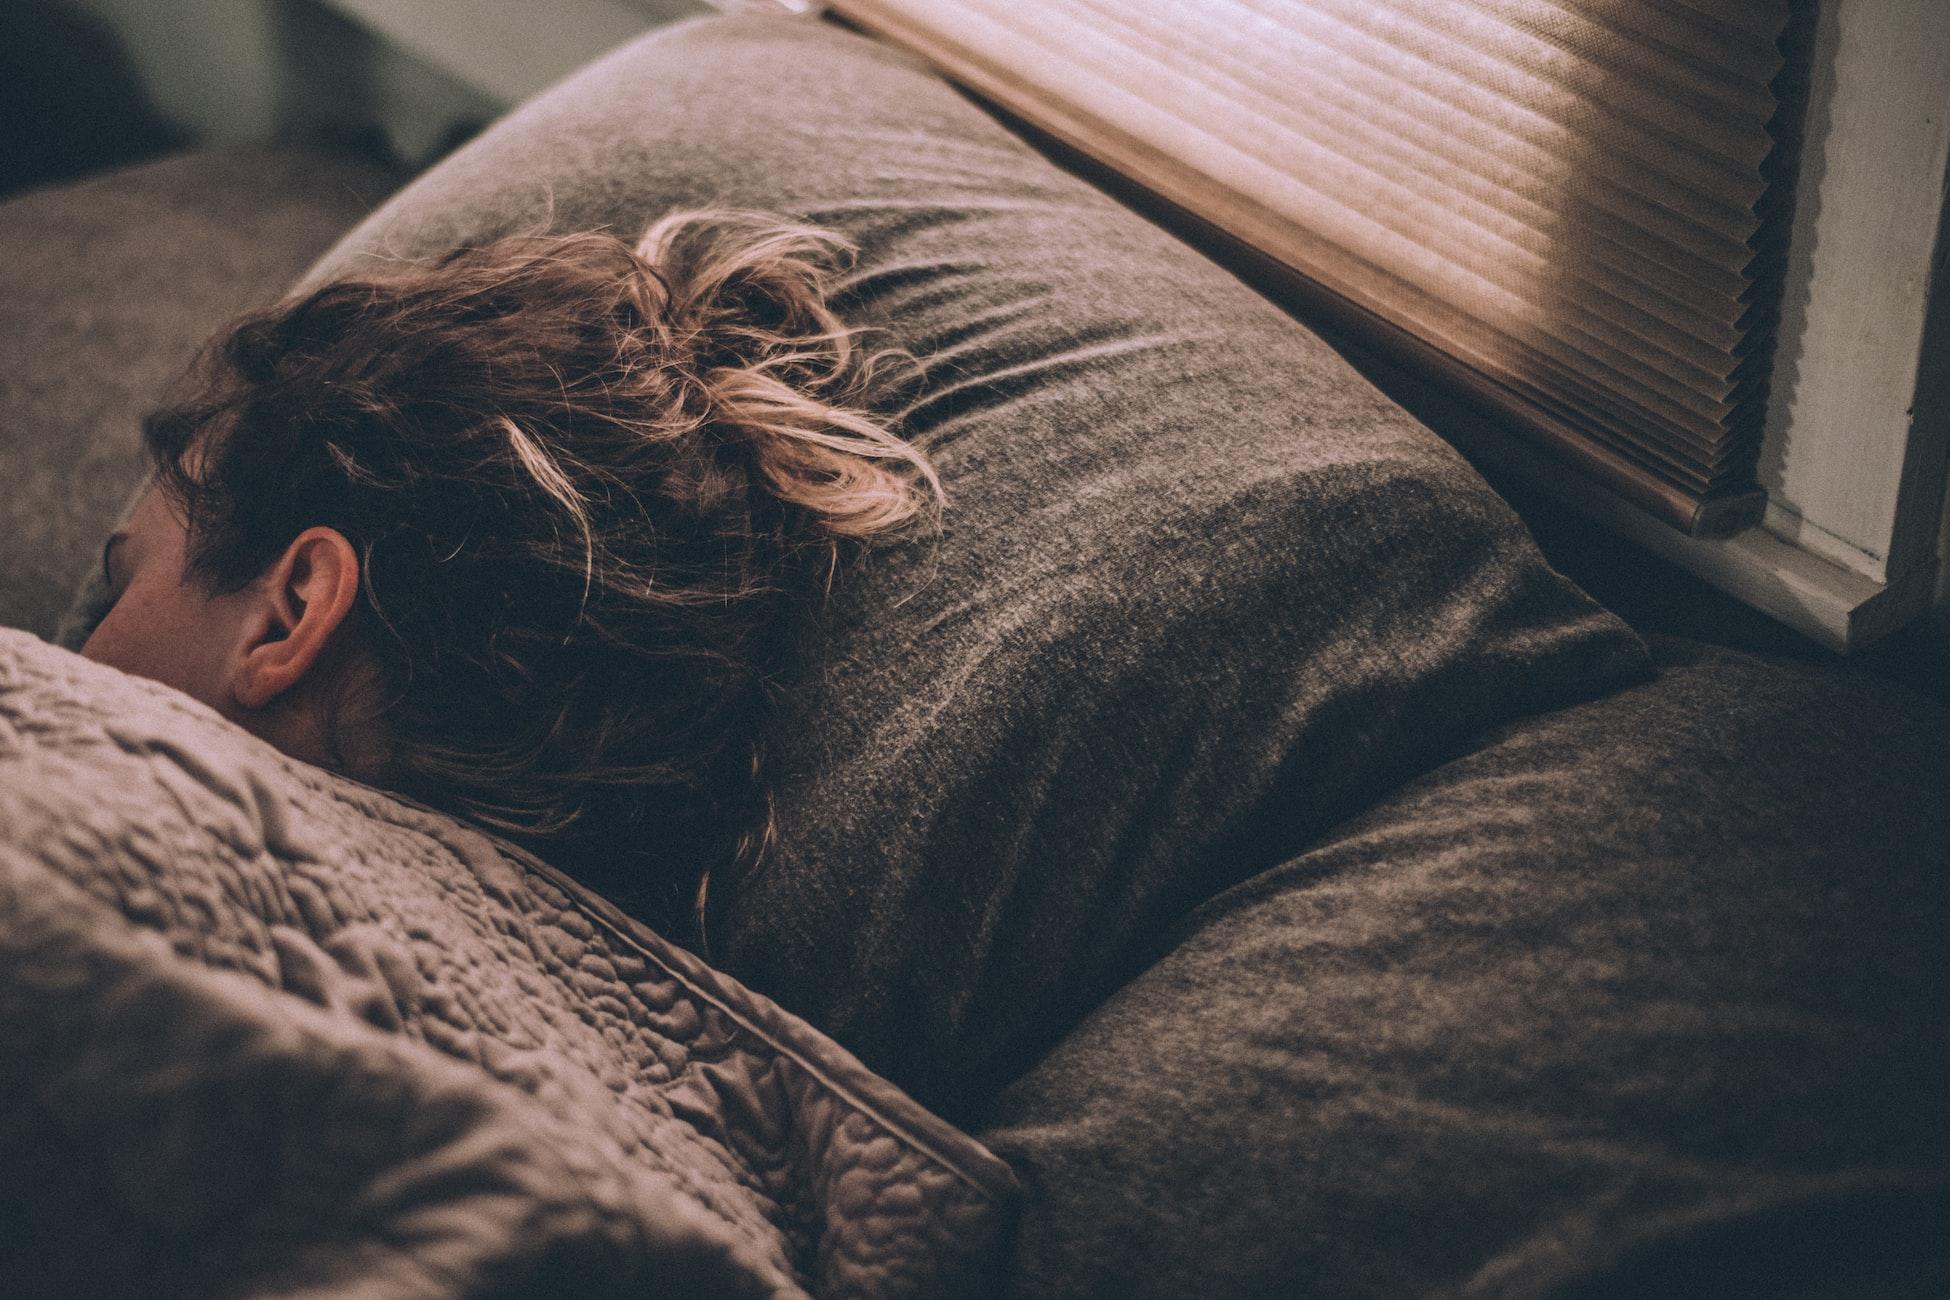 受験期に口を挟んでくるうざい親への対処法はストレスがたまったら一旦寝ること